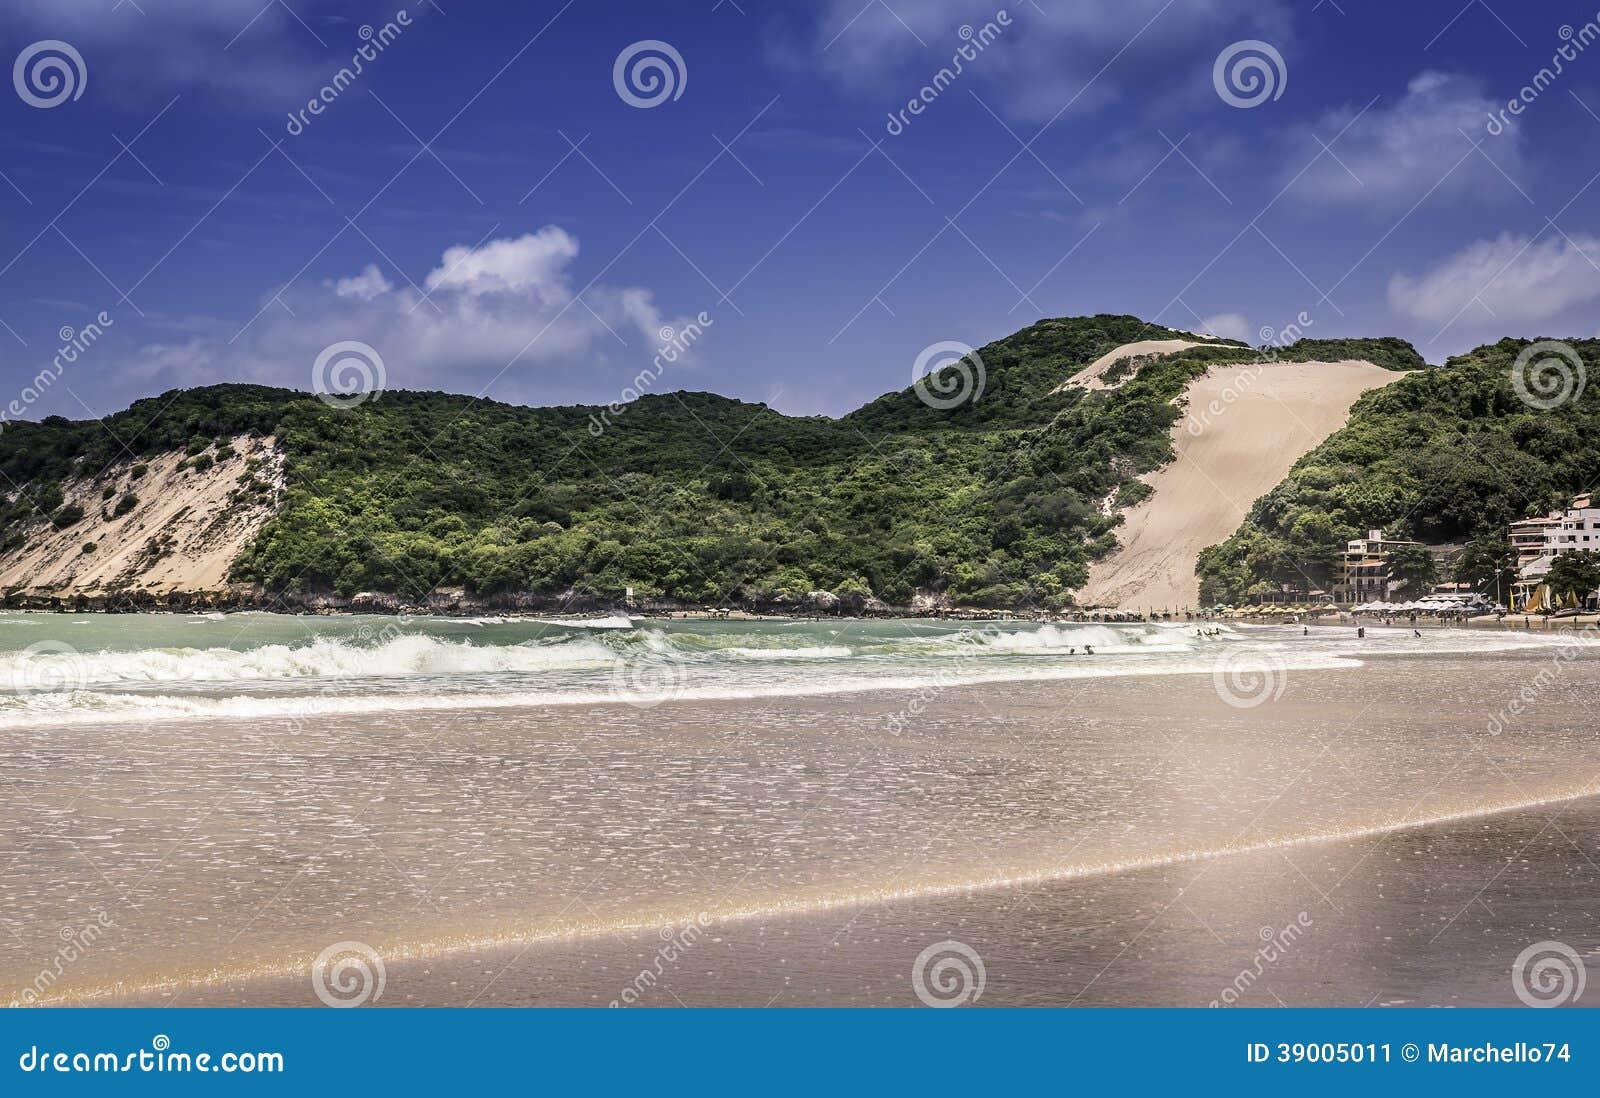 Ponta Negr diun plaża w Natal mieście